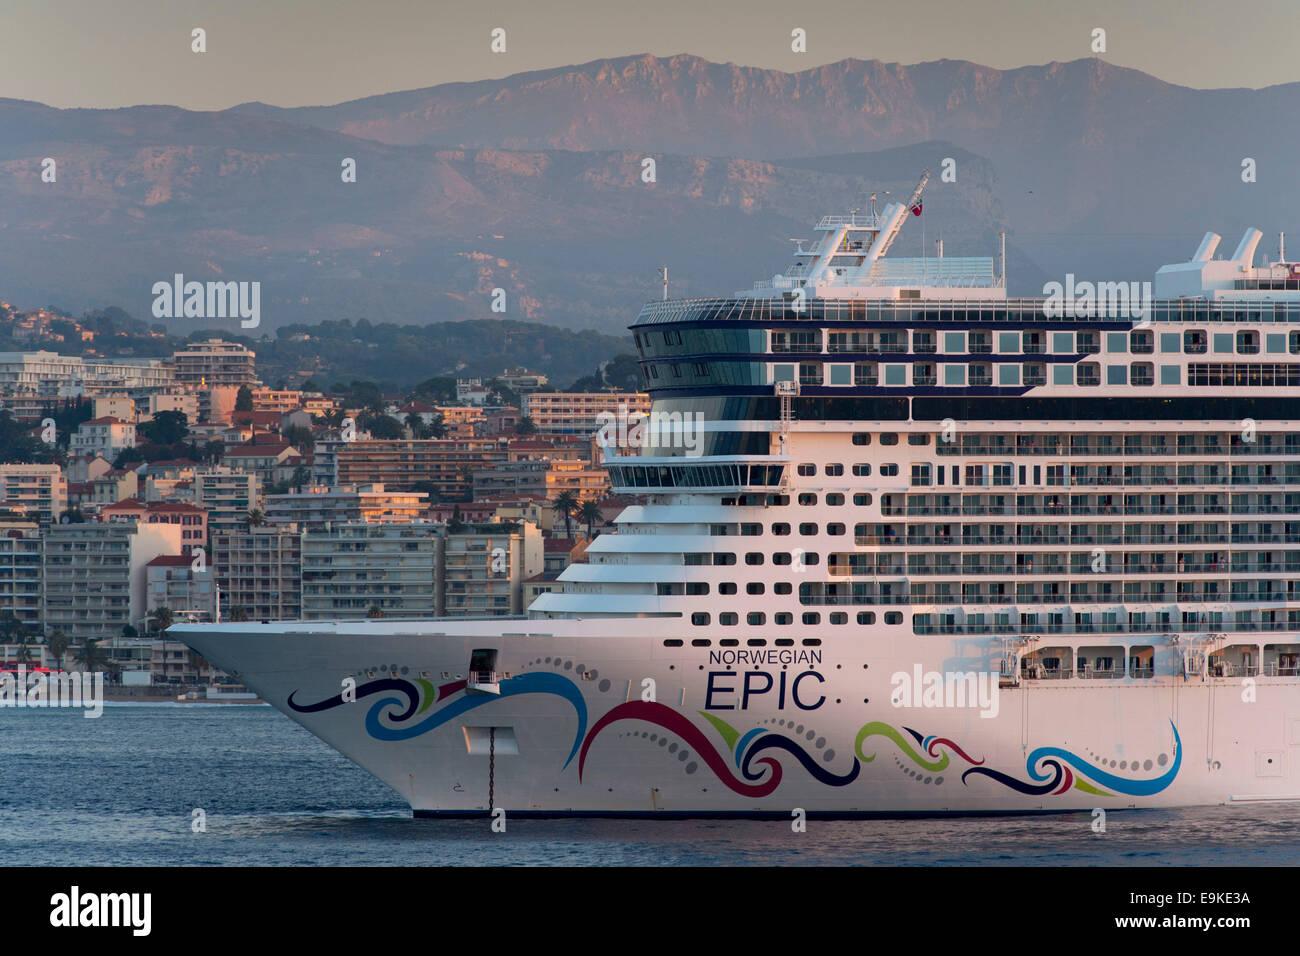 Norwegian Epic cruise ship at sunset. - Stock Image